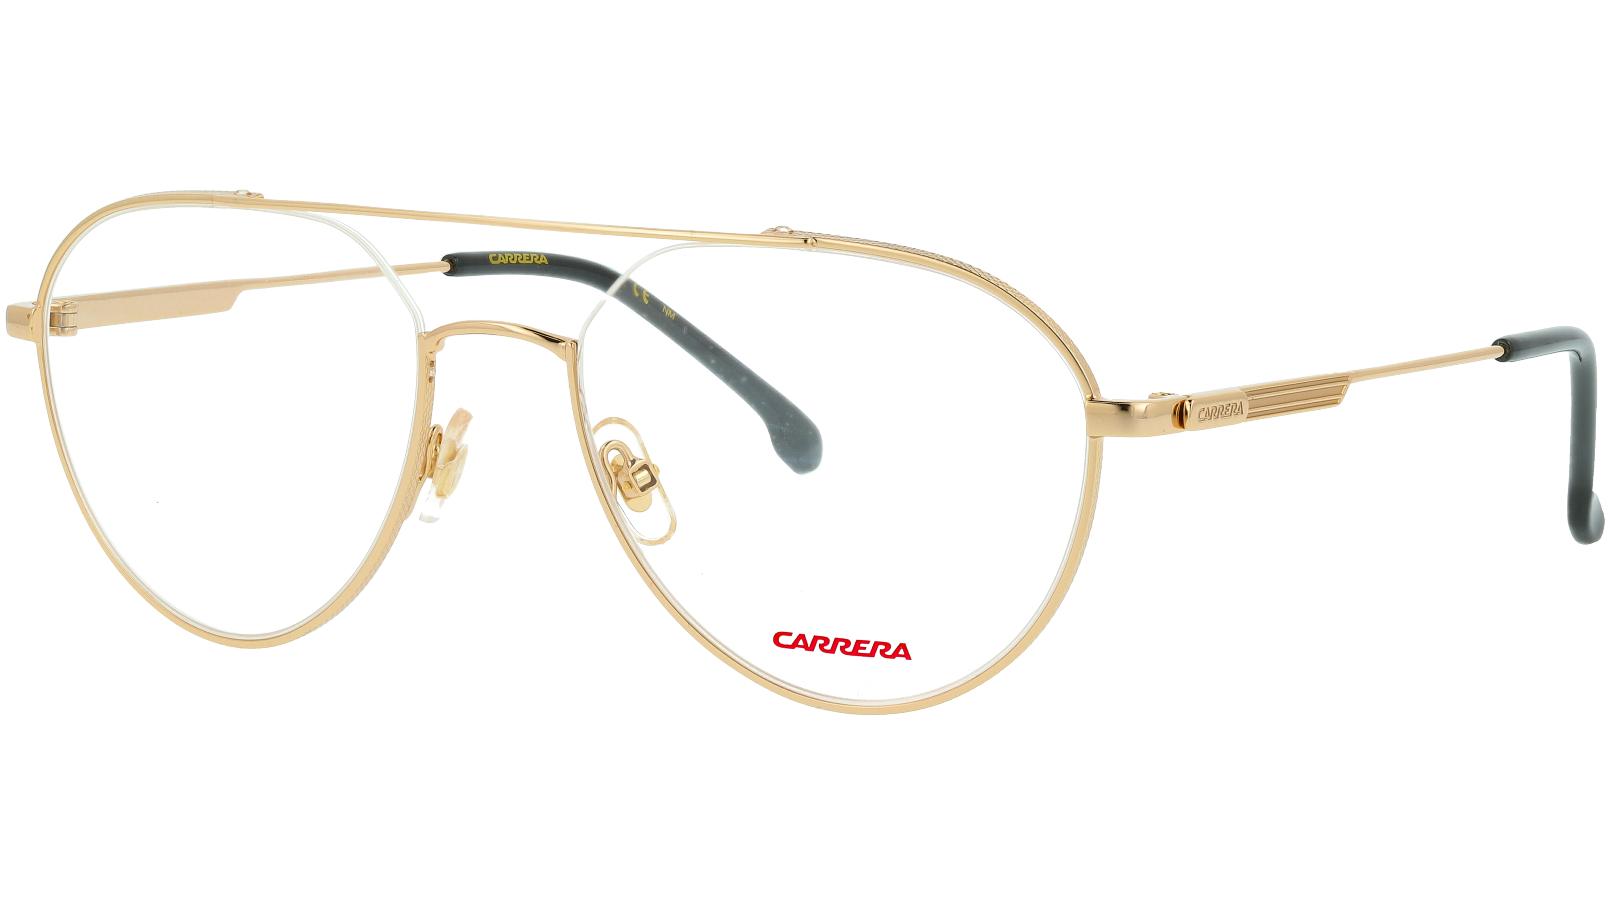 CARRERA CARRERA 1110 000 55 ROSE Glasses